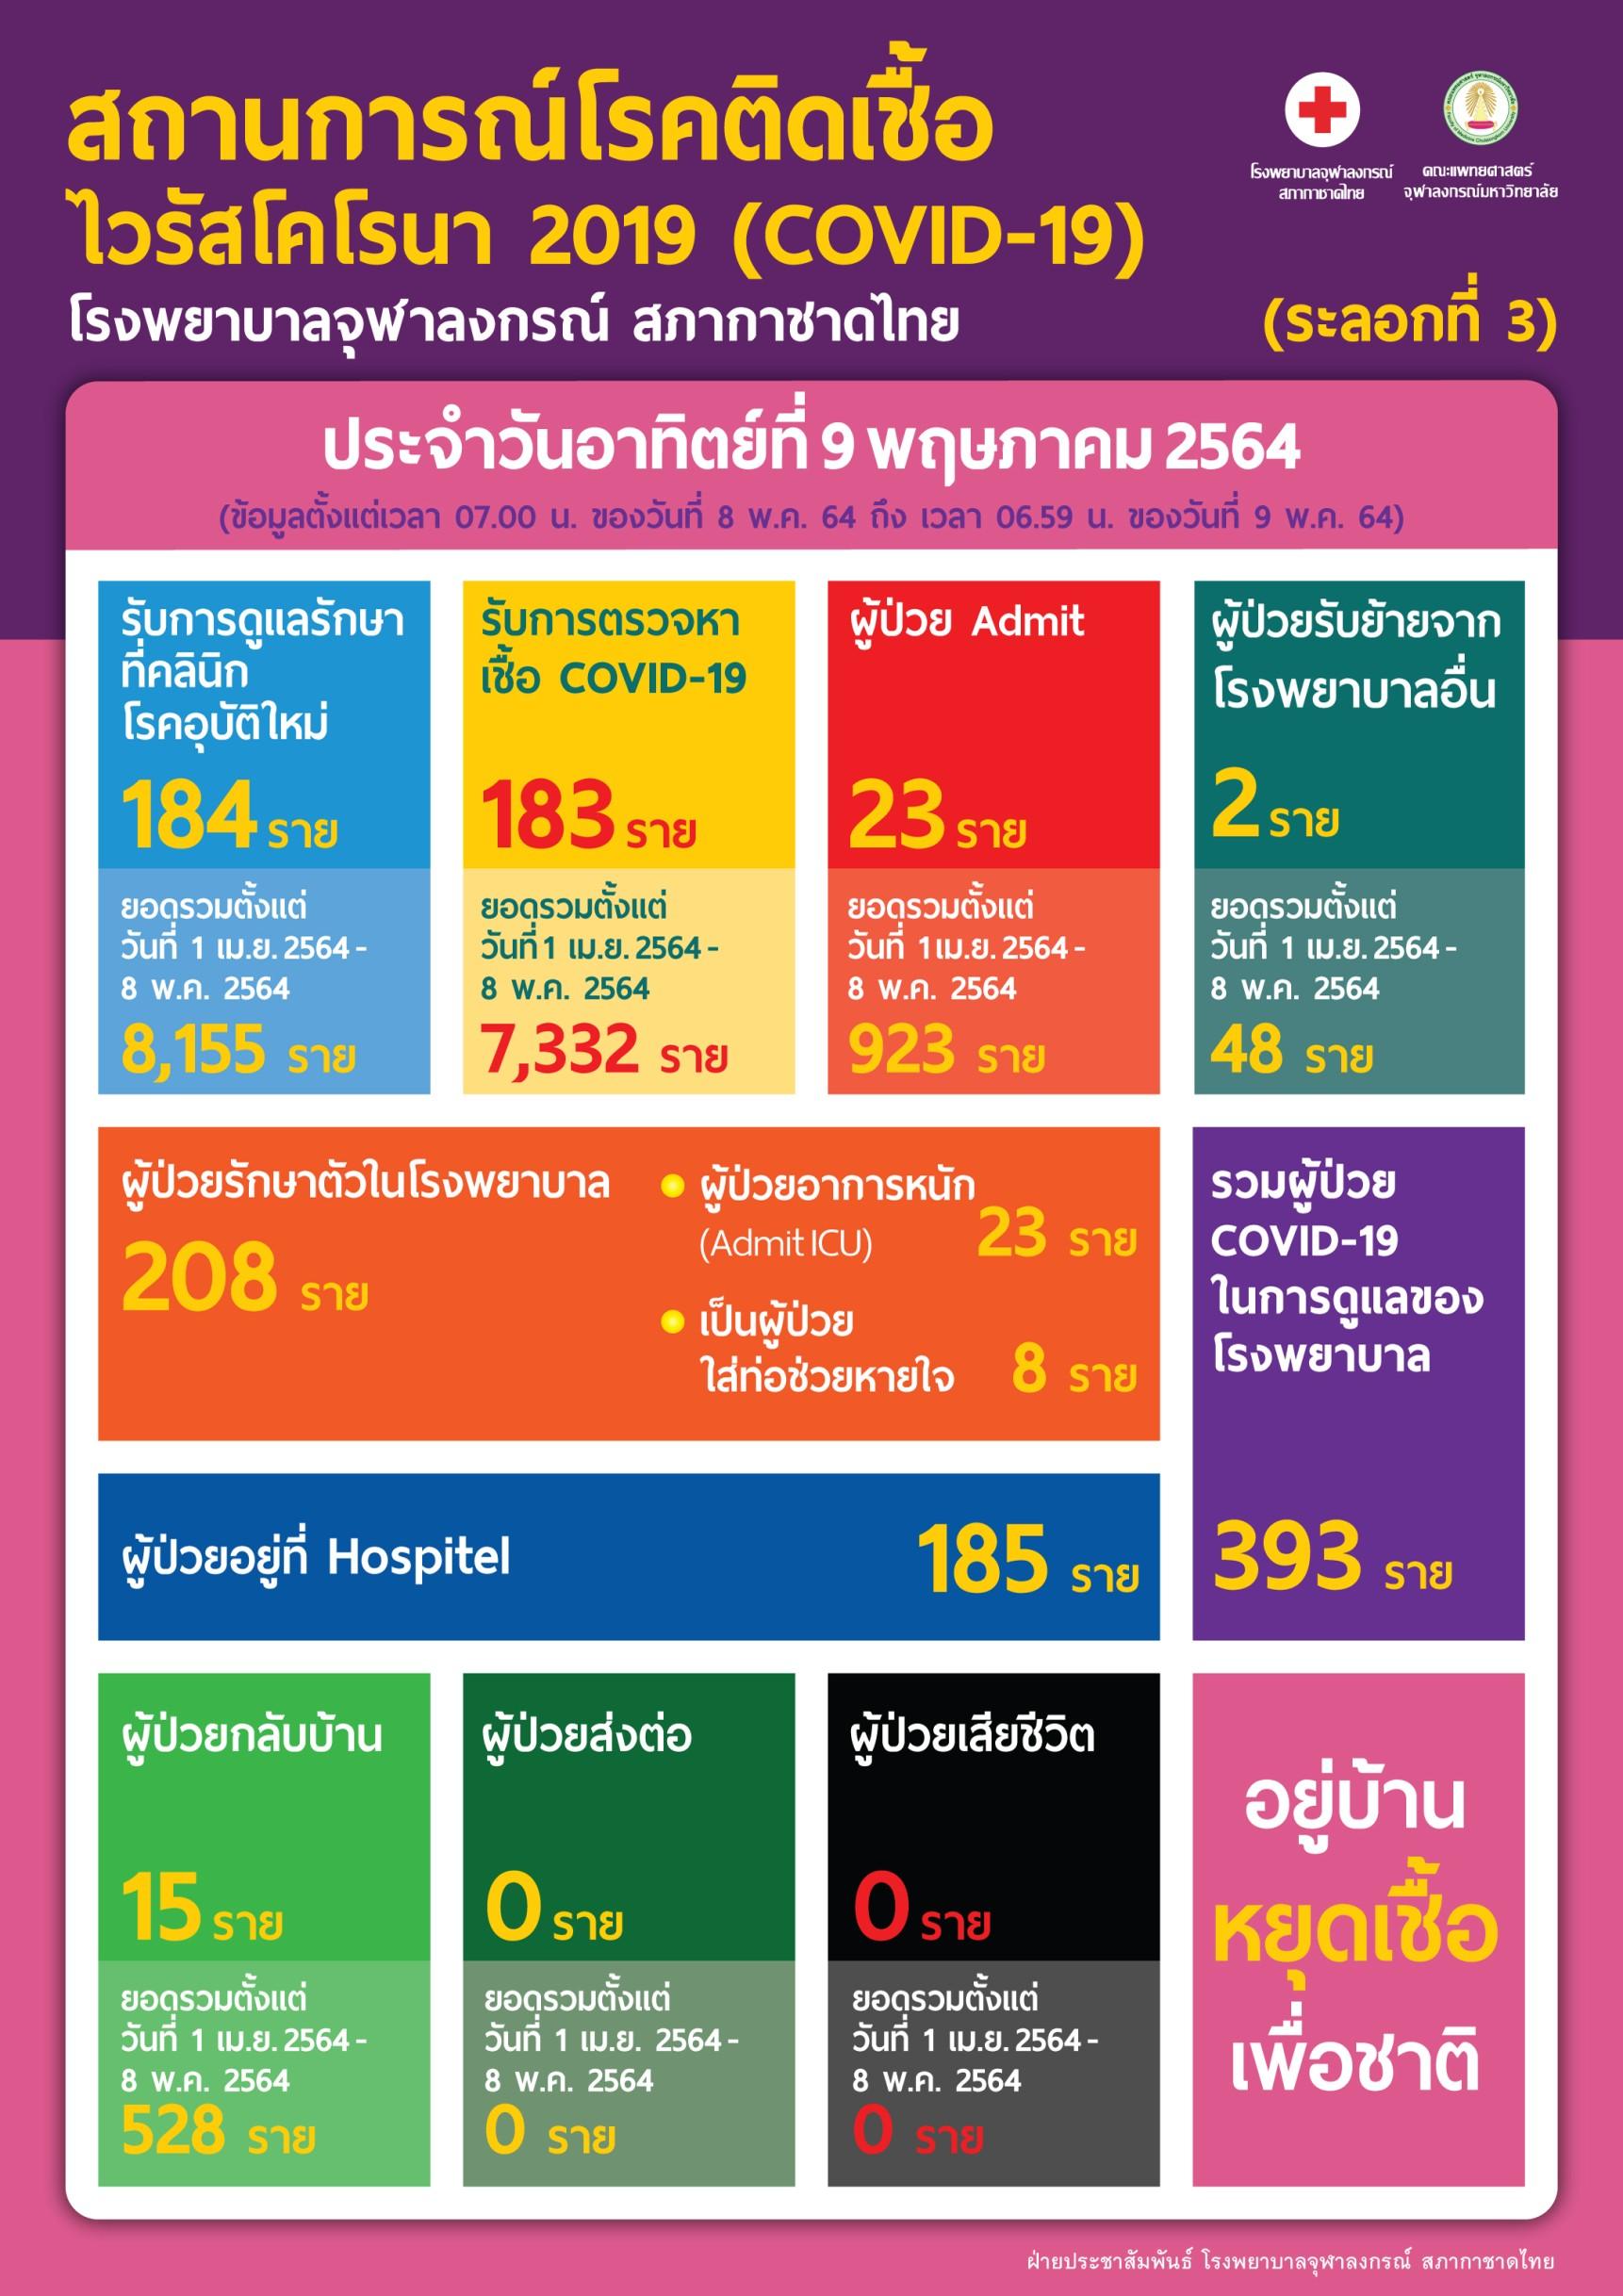 สถานการณ์โรคติดเชื้อ ไวรัสโคโรนา 2019 (COVID-19) โรงพยาบาลจุฬาลงกรณ์ สภากาชาดไทย (ระลอกที่ 3) ประจำวันอาทิตย์ที่ 9 พฤษภาคม 2564